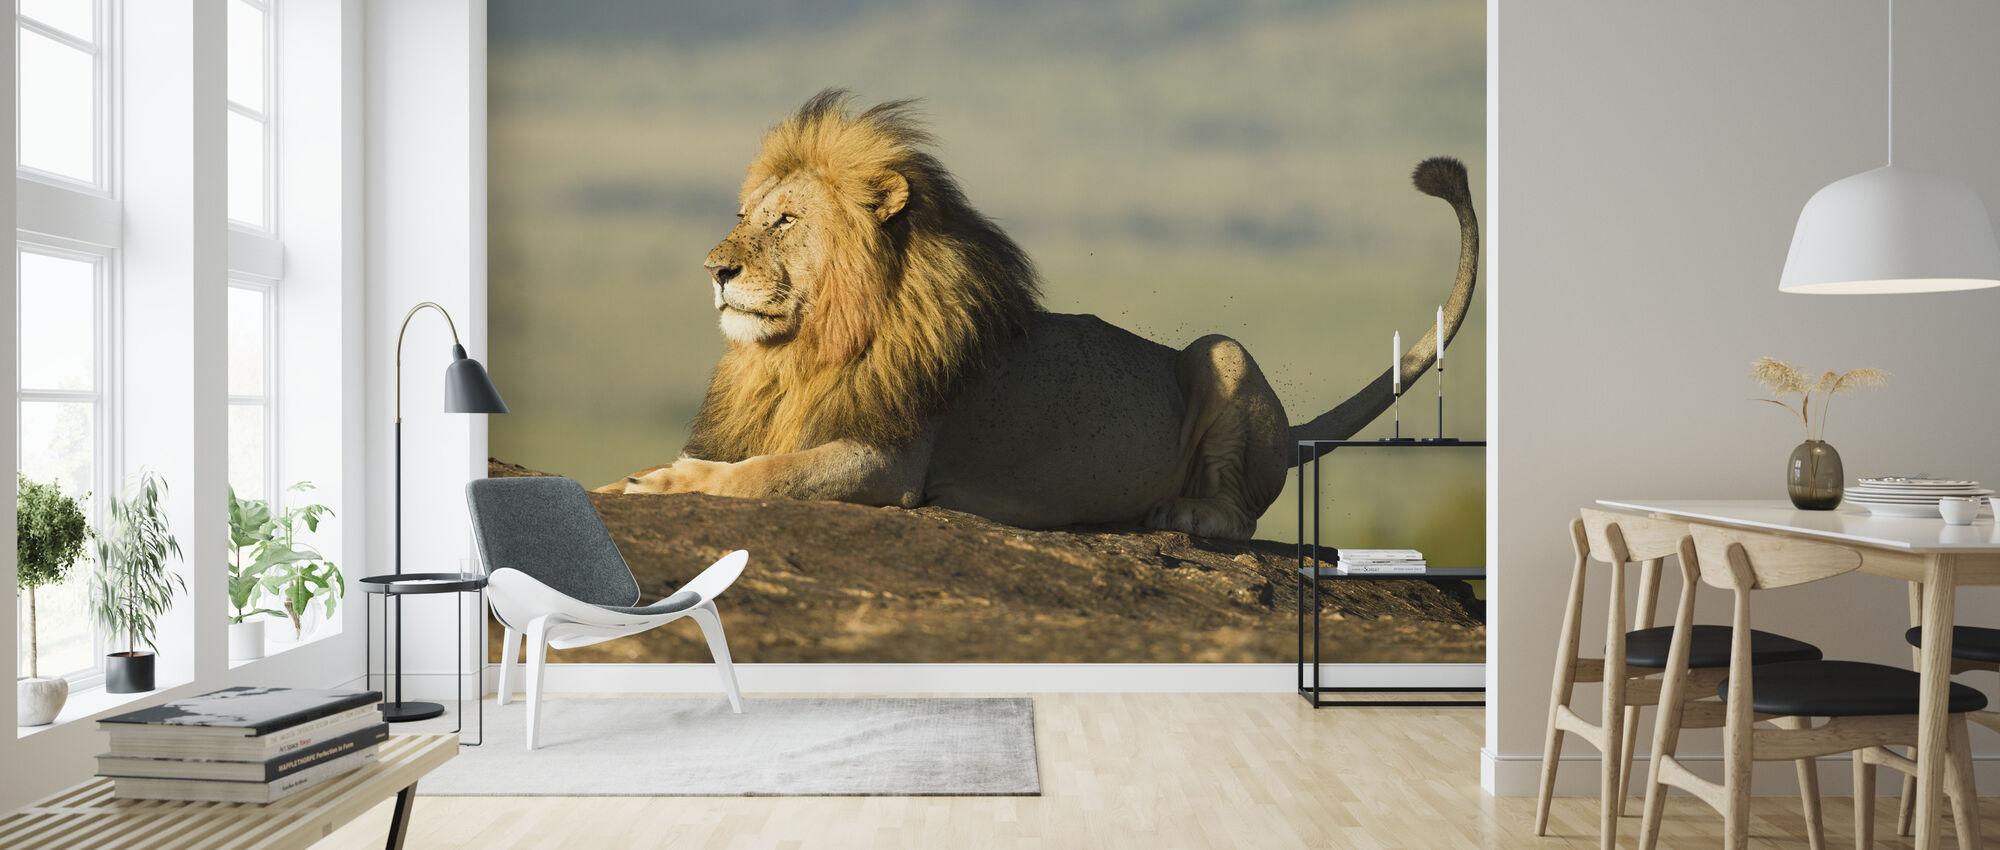 Leeuw op een rots - Behang - Woonkamer